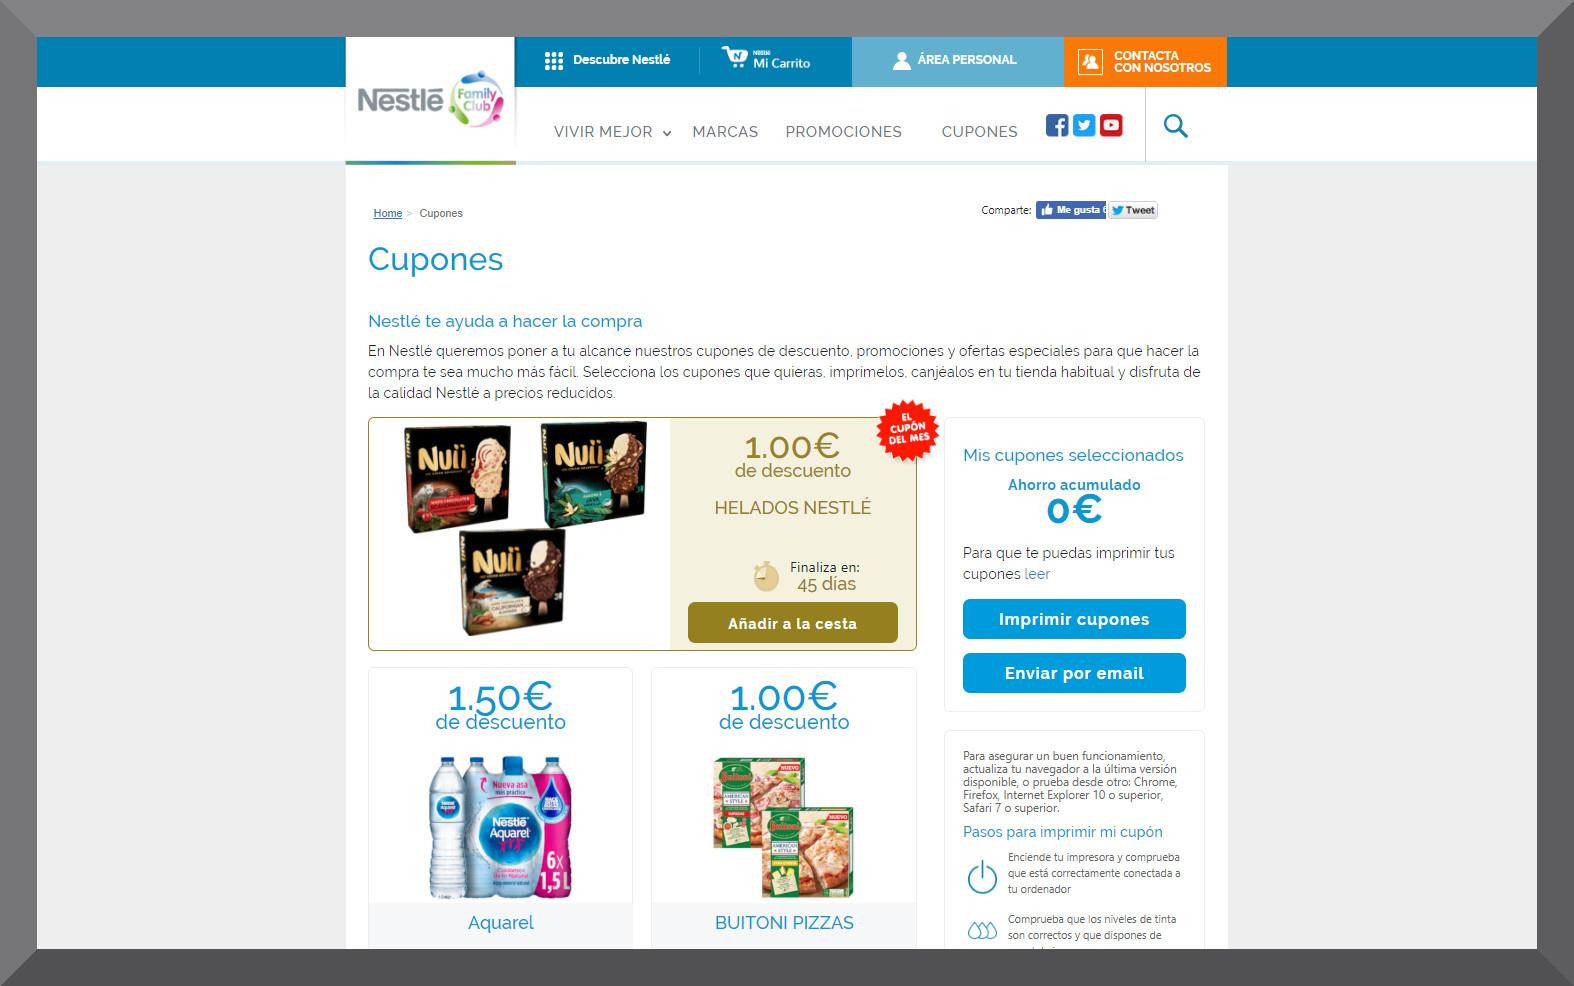 Nestle agclv - Vales y cupones